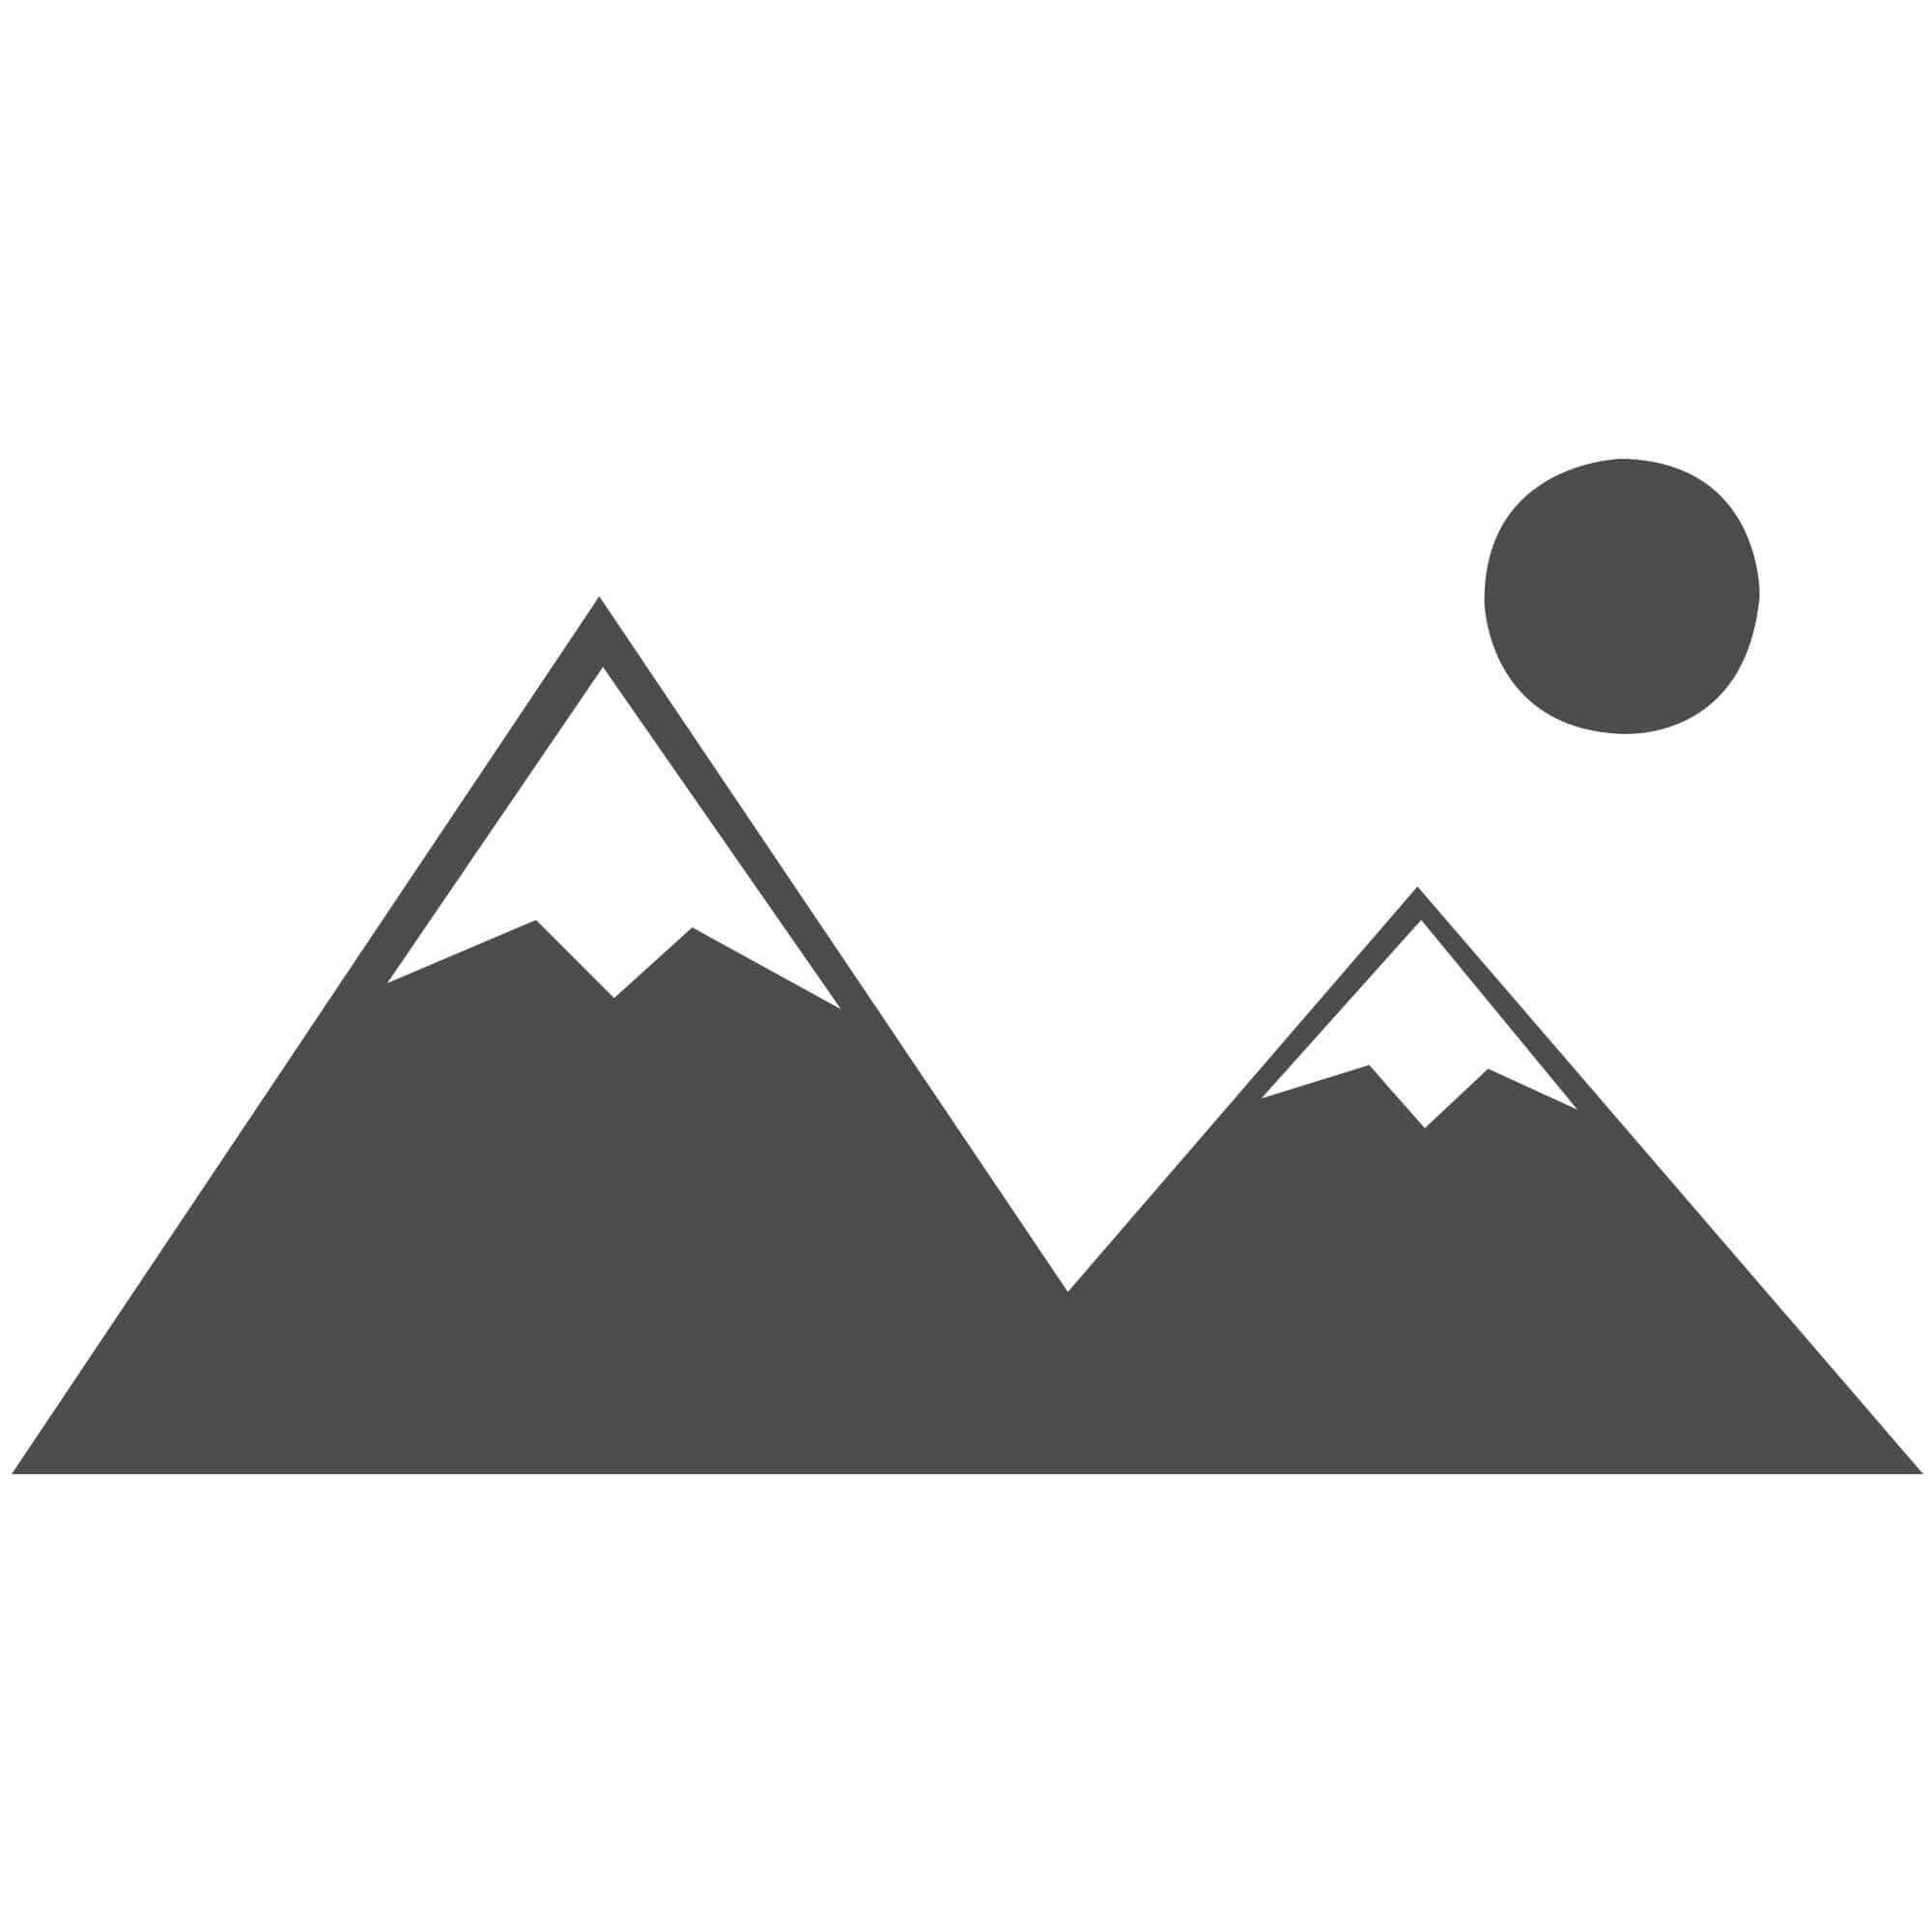 Baileigh Table Saw Power Hammer PH-19VS | Baileigh Industrial